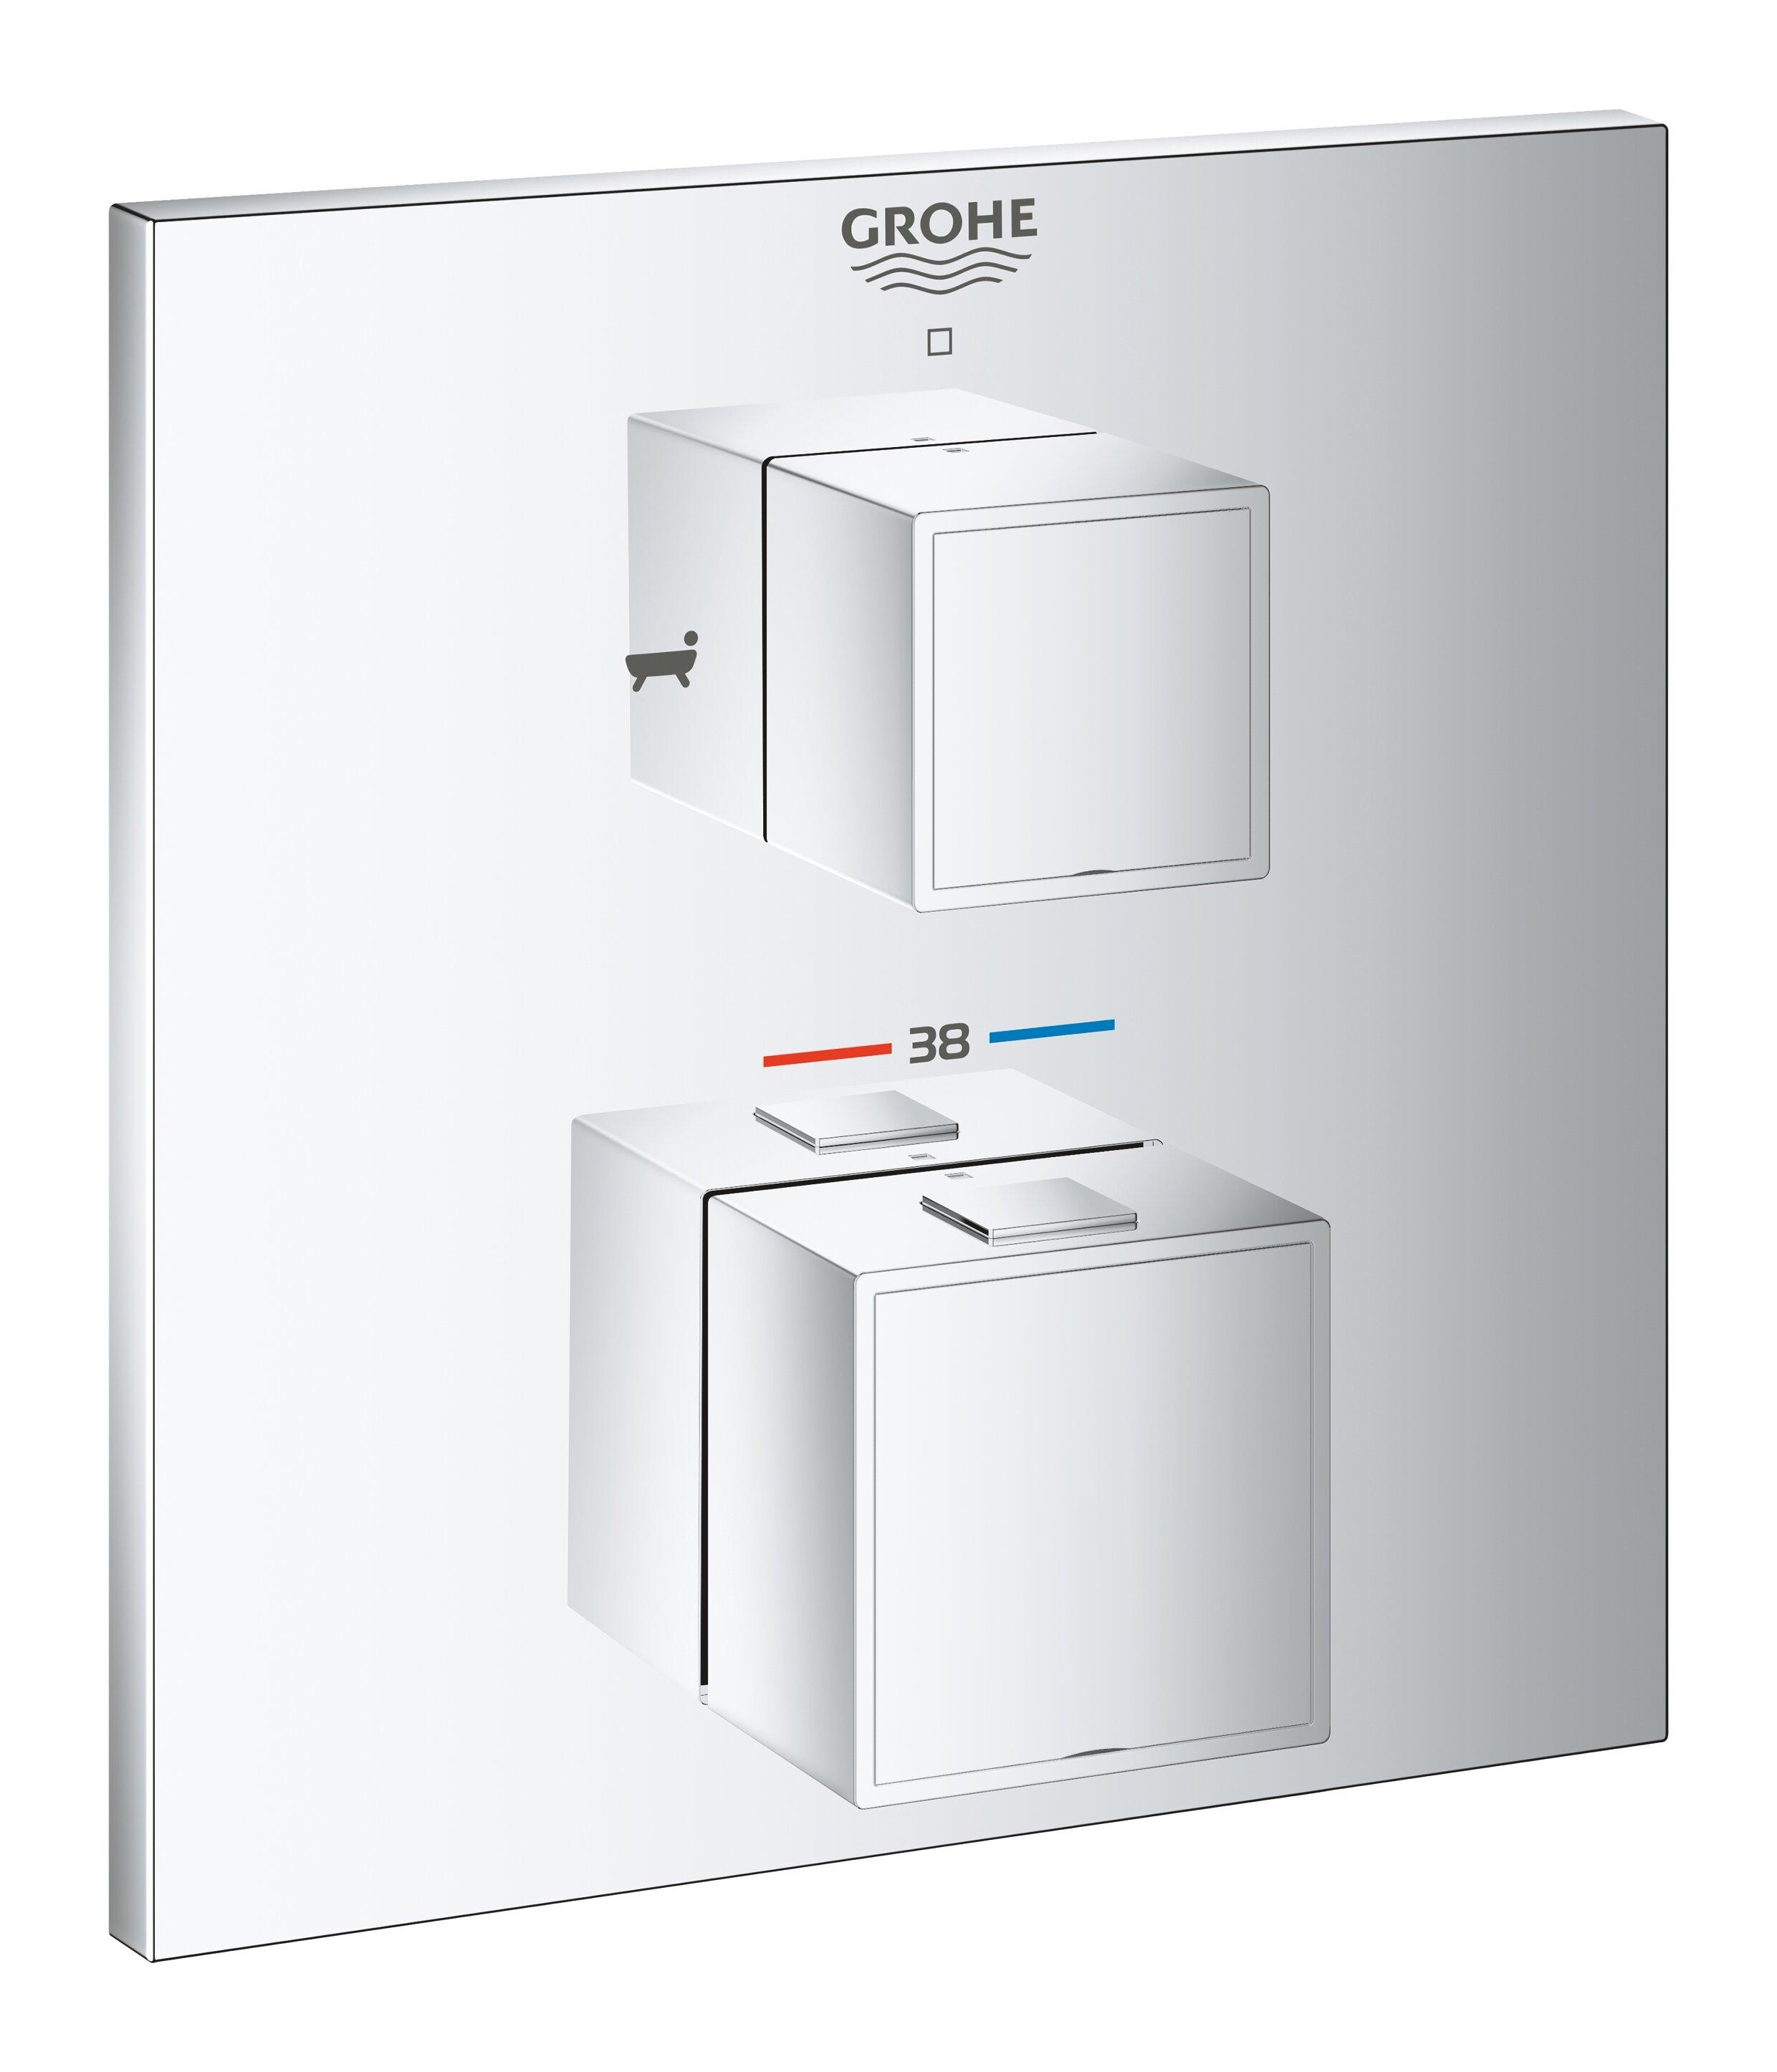 Внешняя часть термостататического смесителя для душа GROHE Grohtherm Cube с переключателем на 2 положения верхний/ручной душ, хром (24155000)